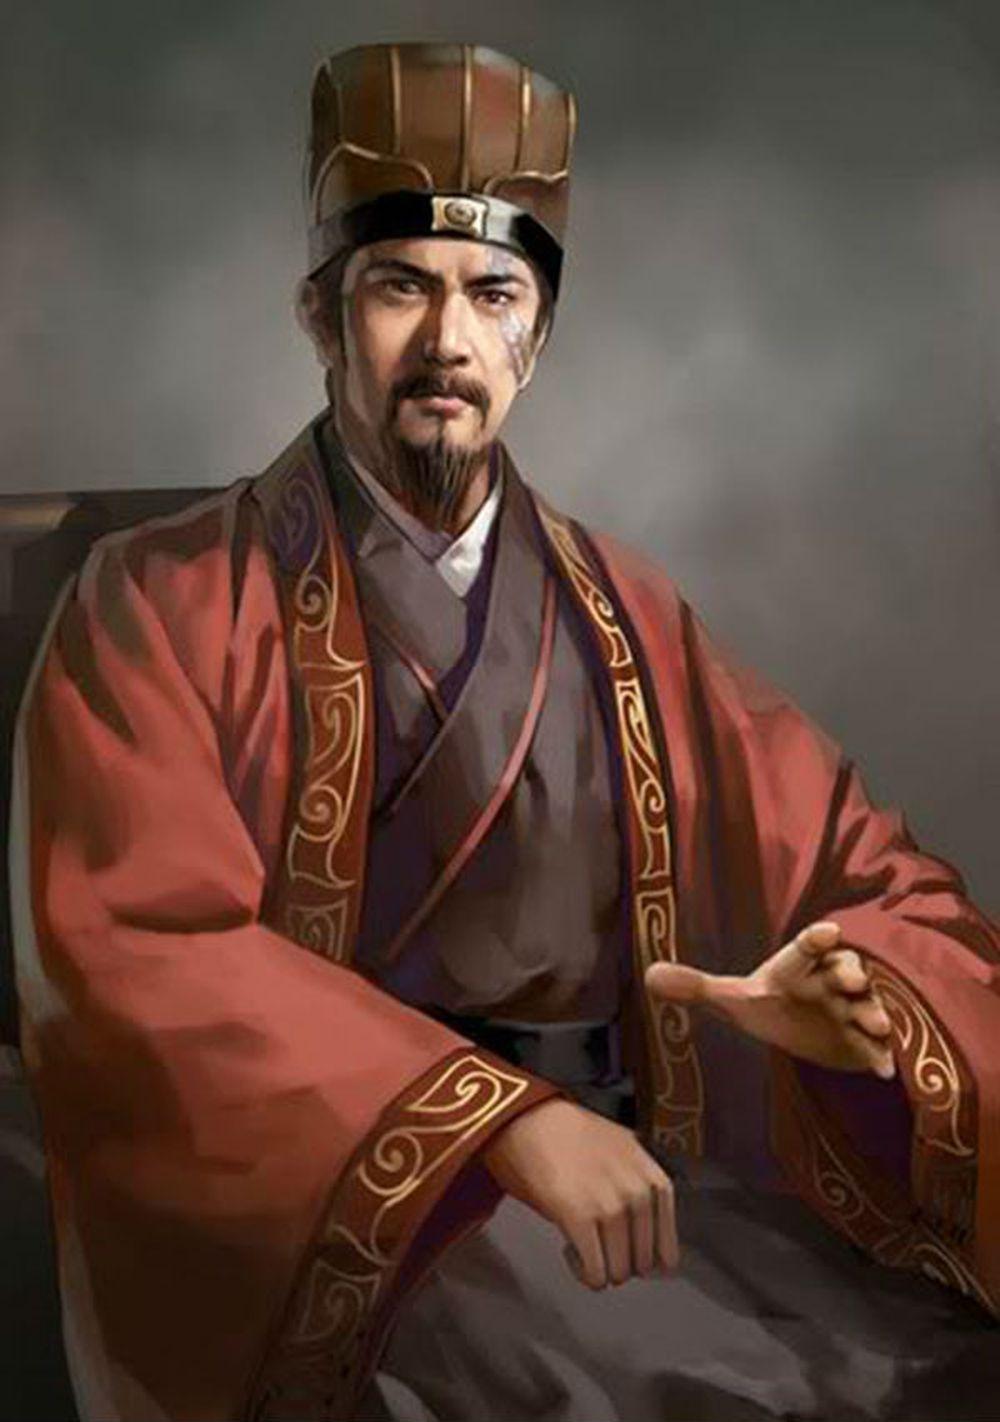 Chữ Tẫn trong tên của ông xuất phát từ hình phạt này mà ra. Sau này ông  được sứ giả nước Tề đưa về Tề Quốc. Tướng Tề là Điền Kỵ phục tài ...